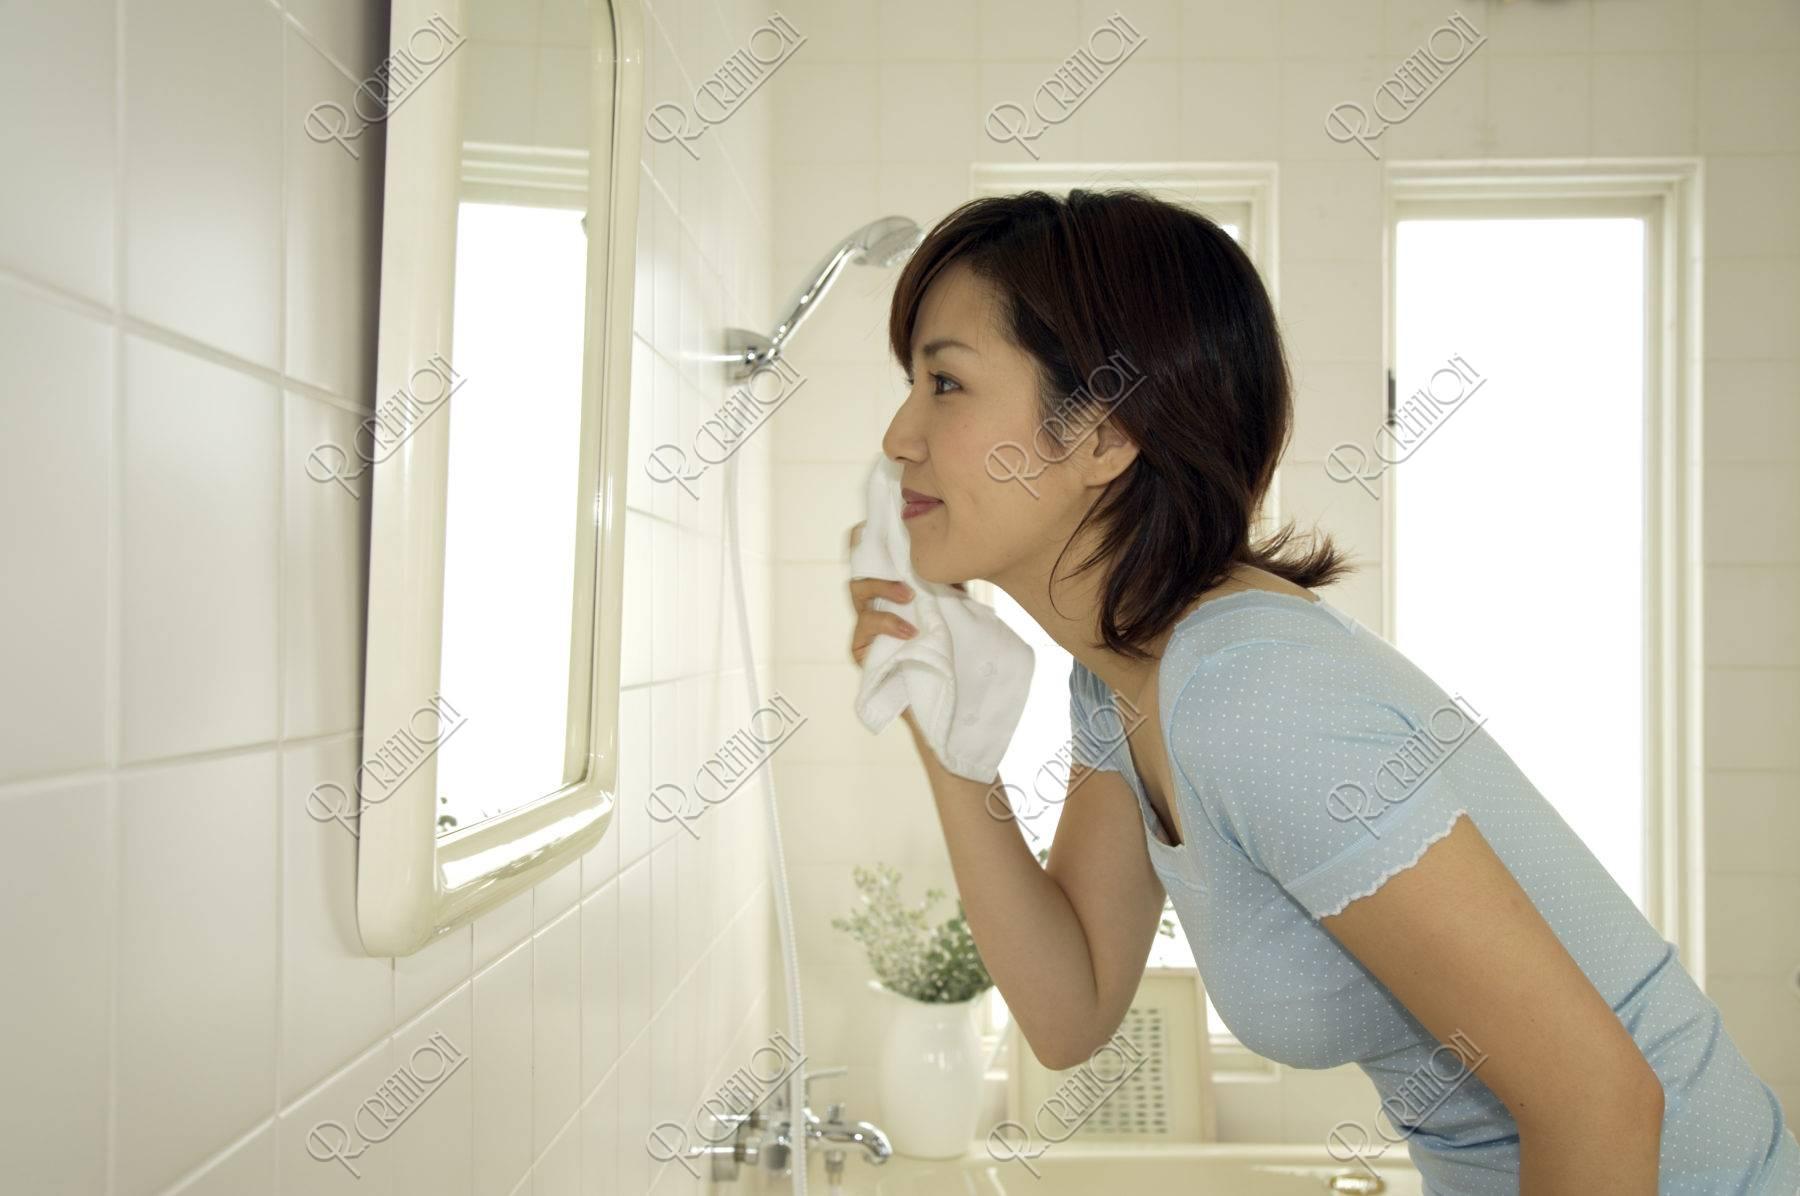 女性 鏡 洗顔 洗面所 笑顔